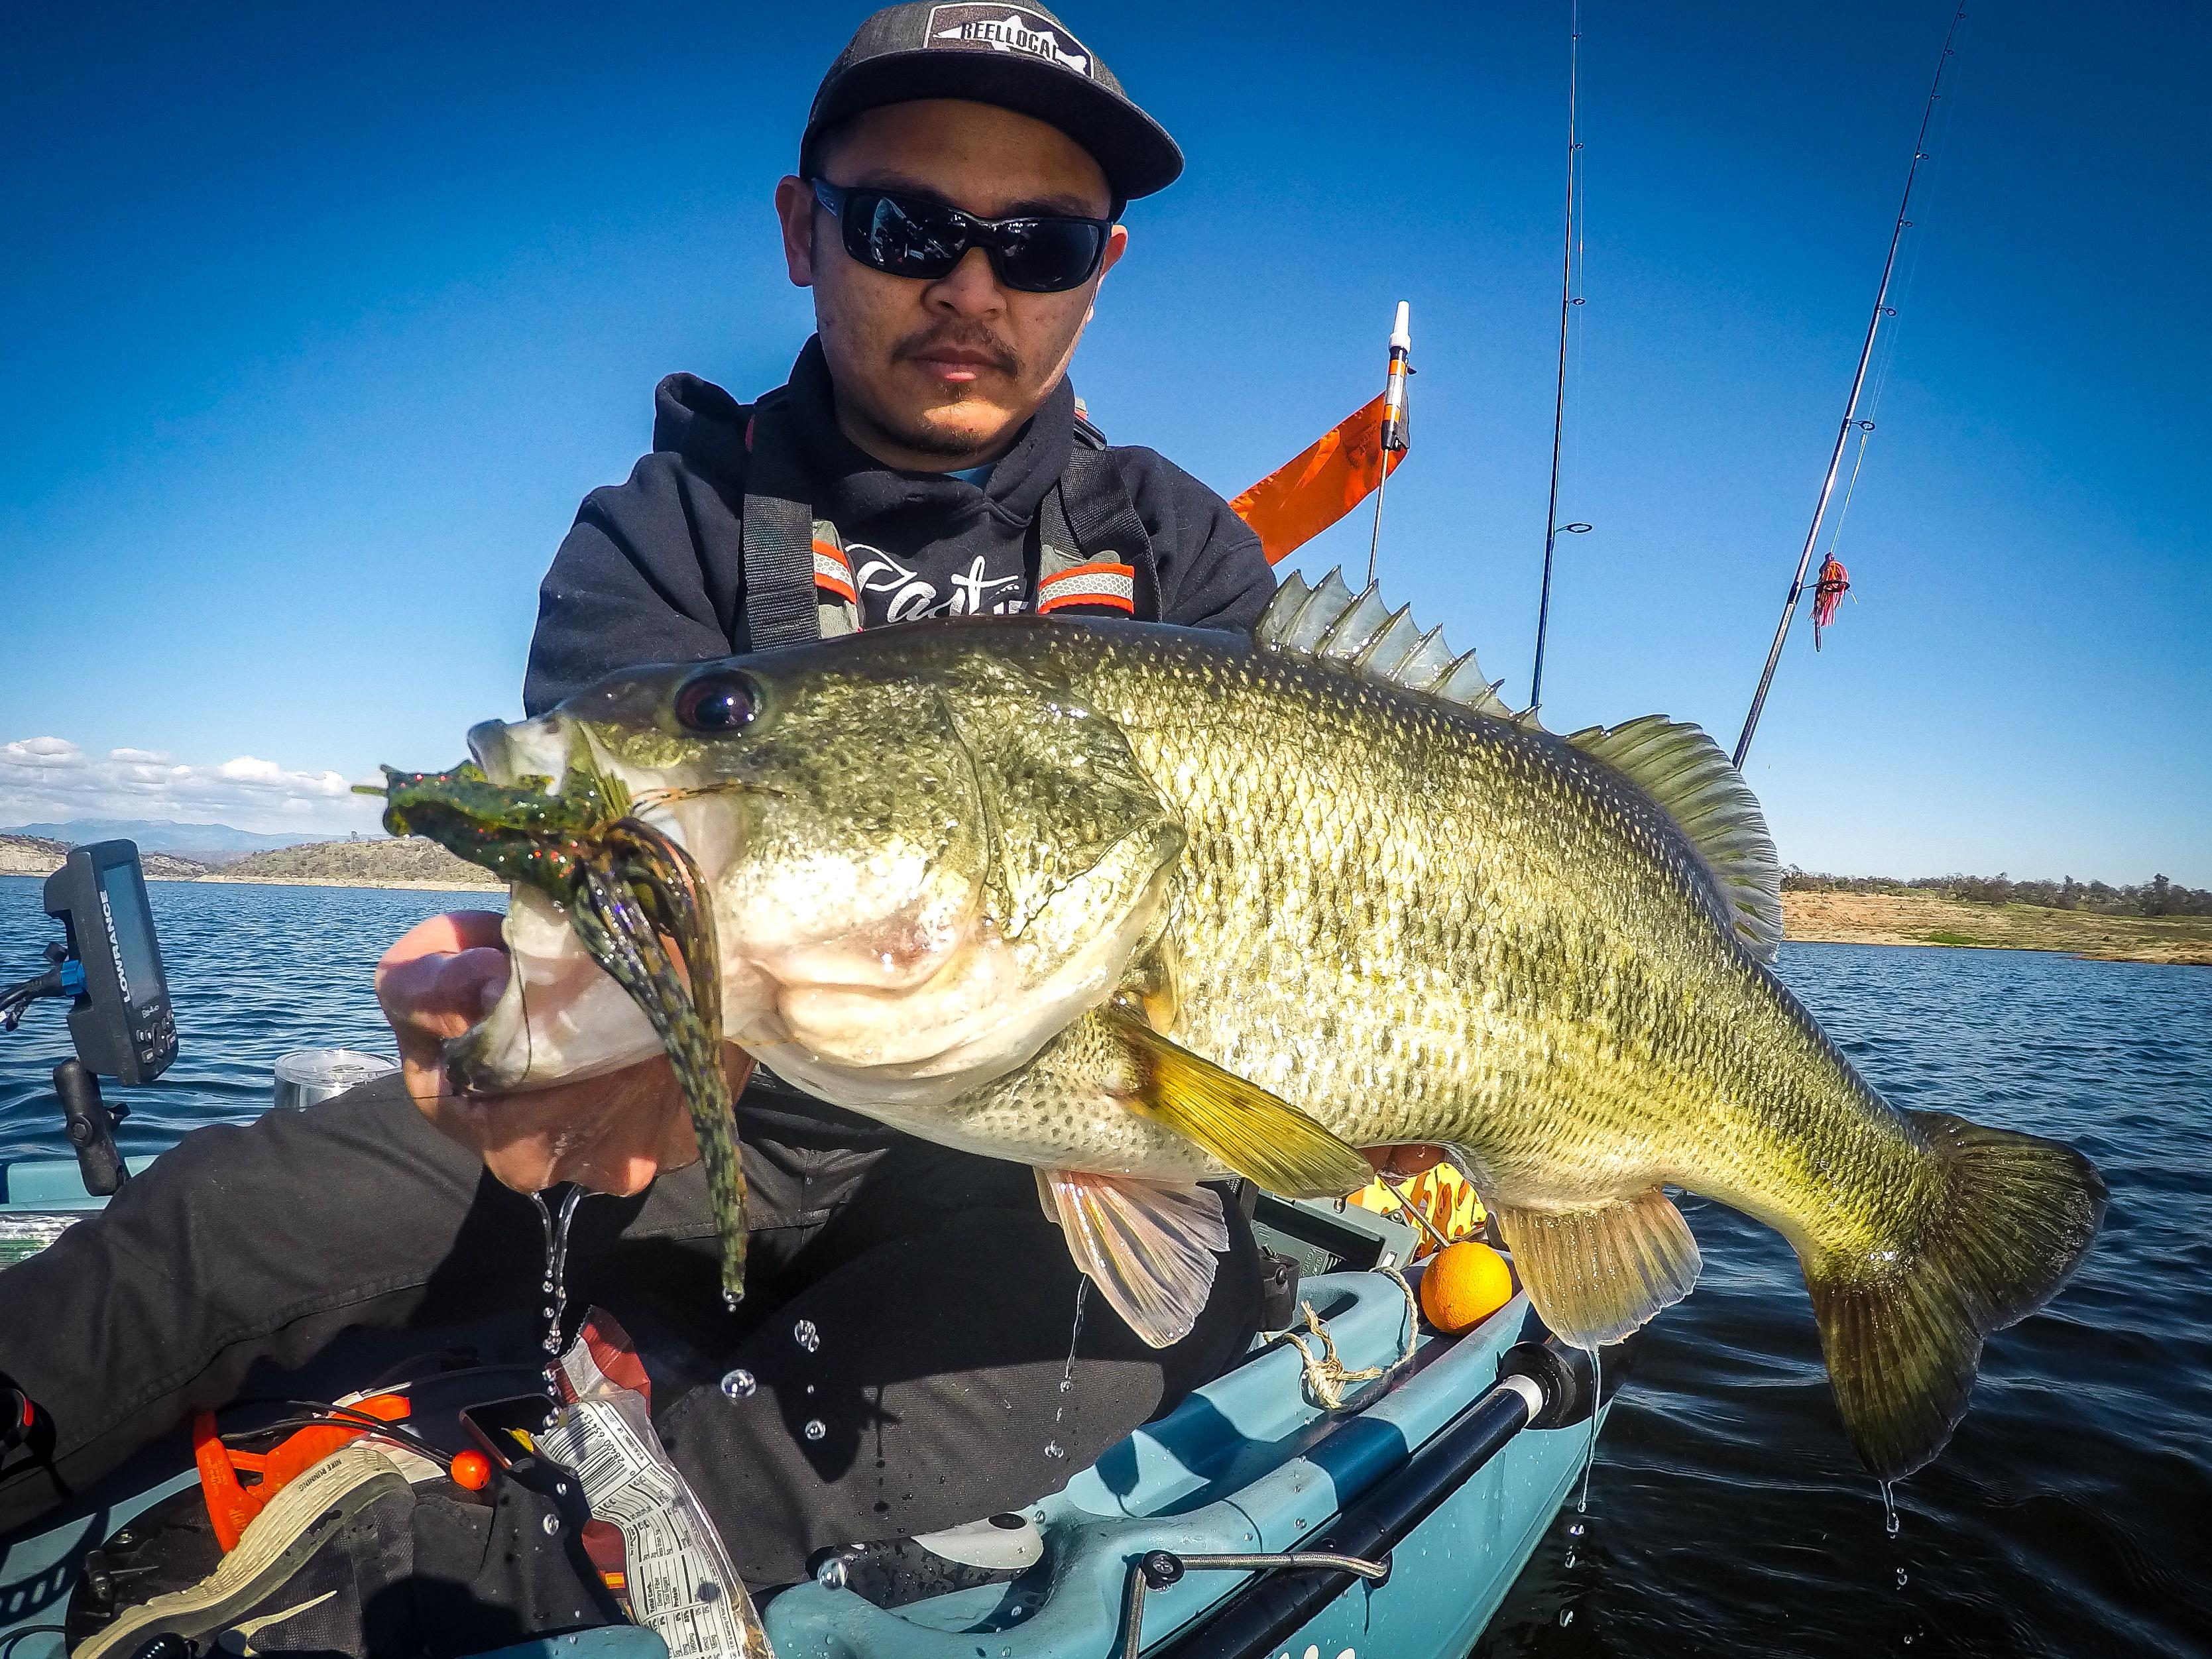 Kayak City Fishing Team's Newest Member Finds Big Bass Deep